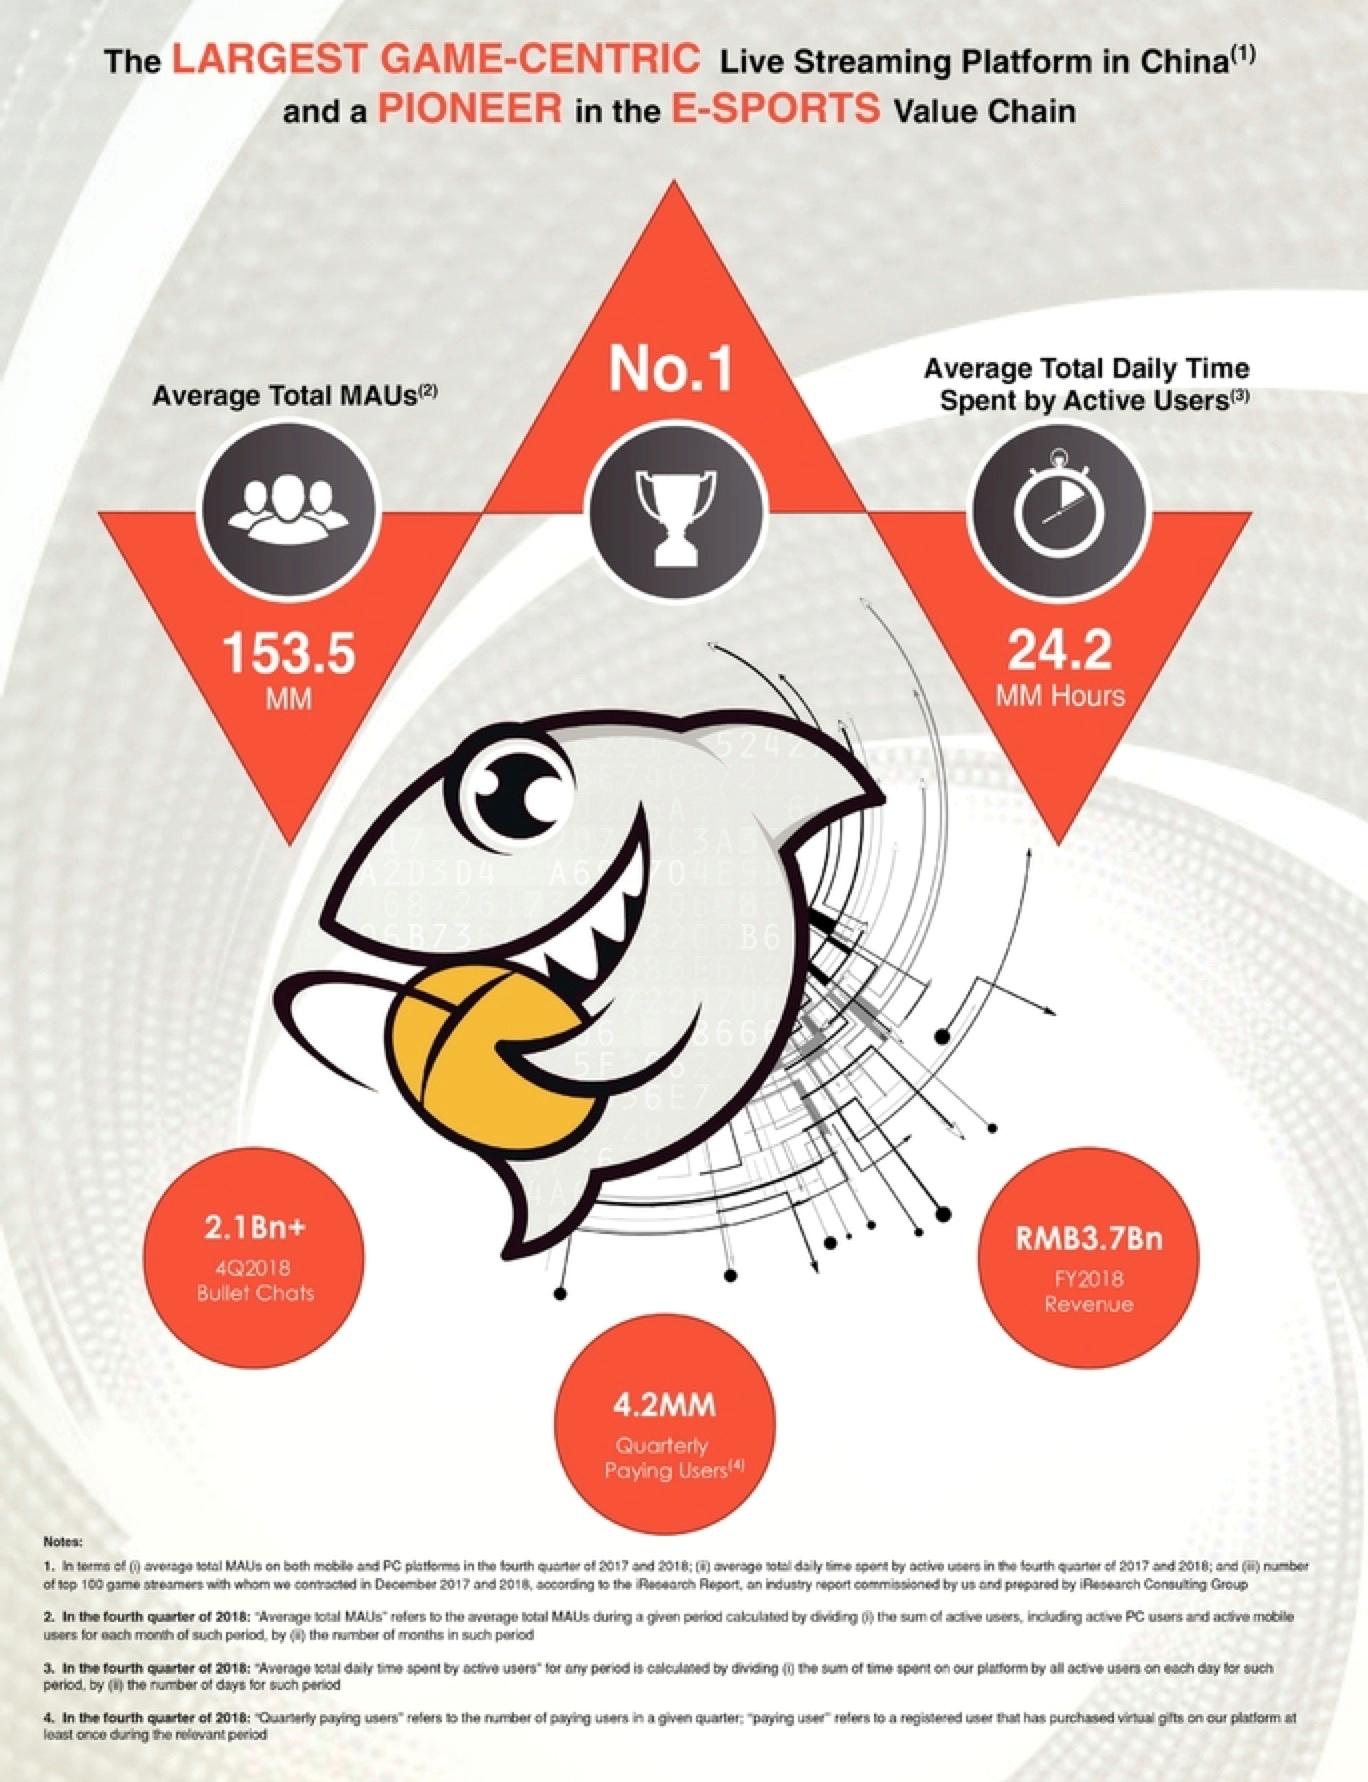 斗鱼直播上市:预计Q1收入约15亿元,利润约3千万